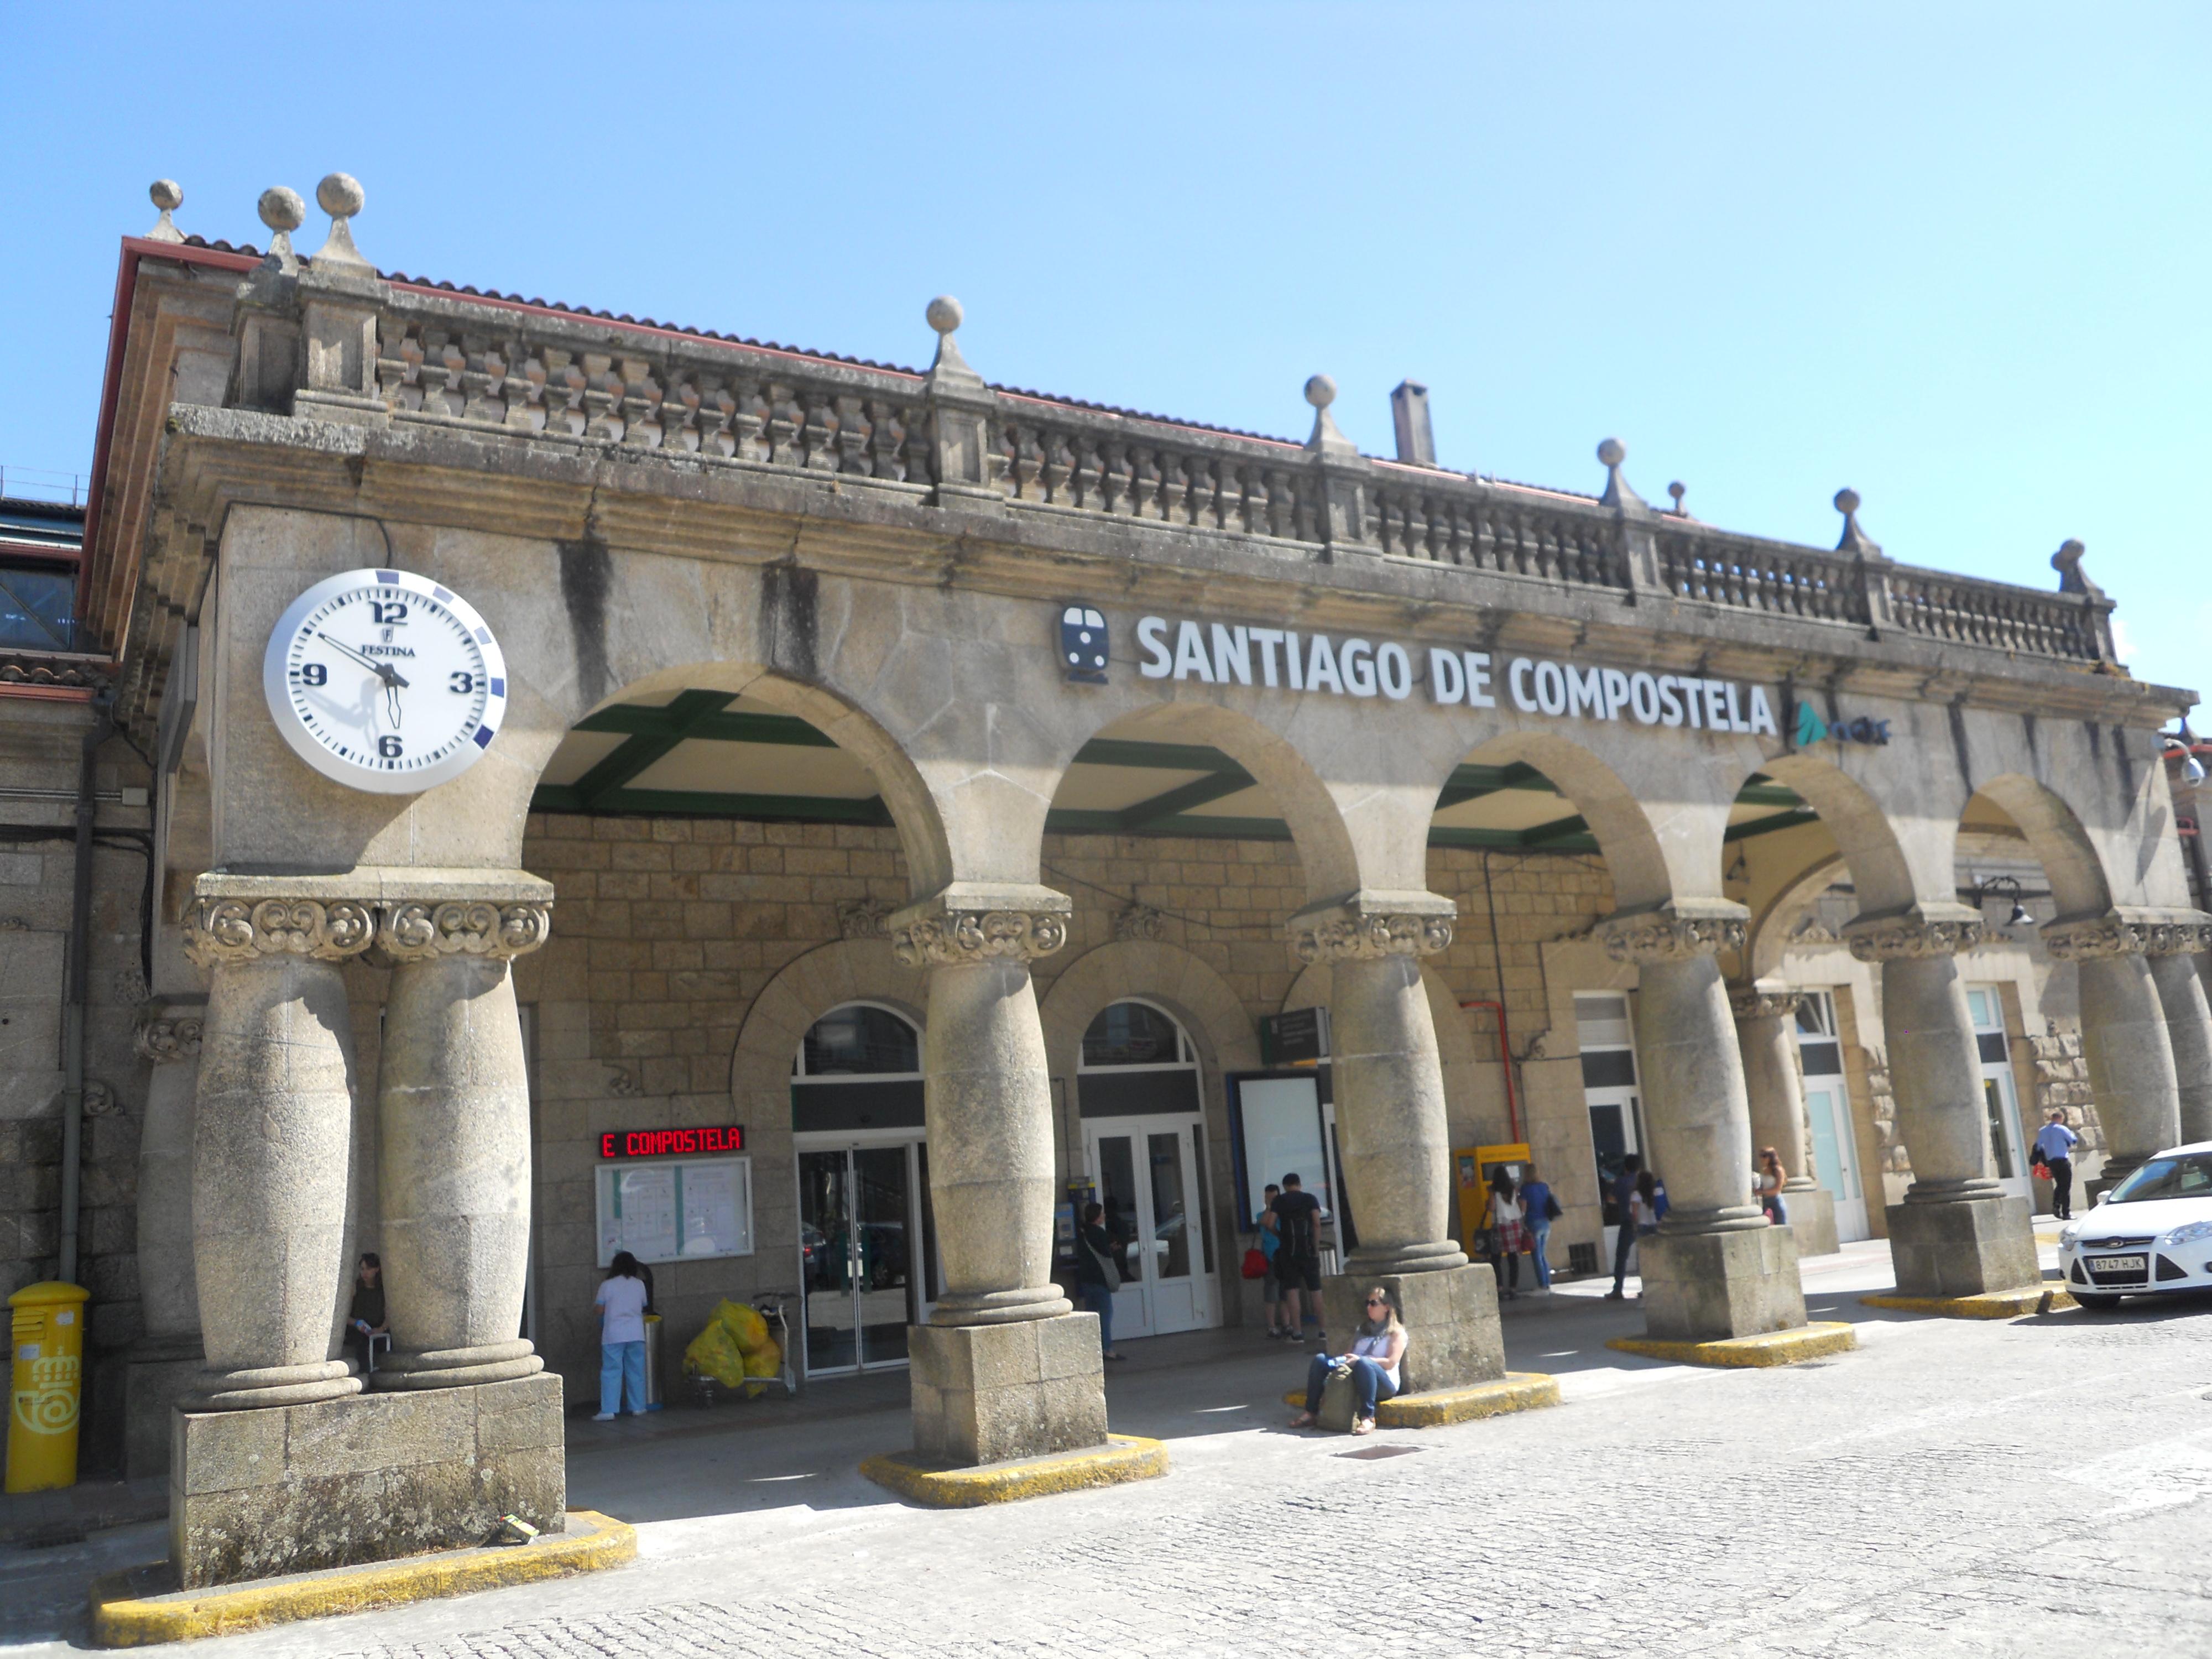 аэропорт Сантьяго де Компостела